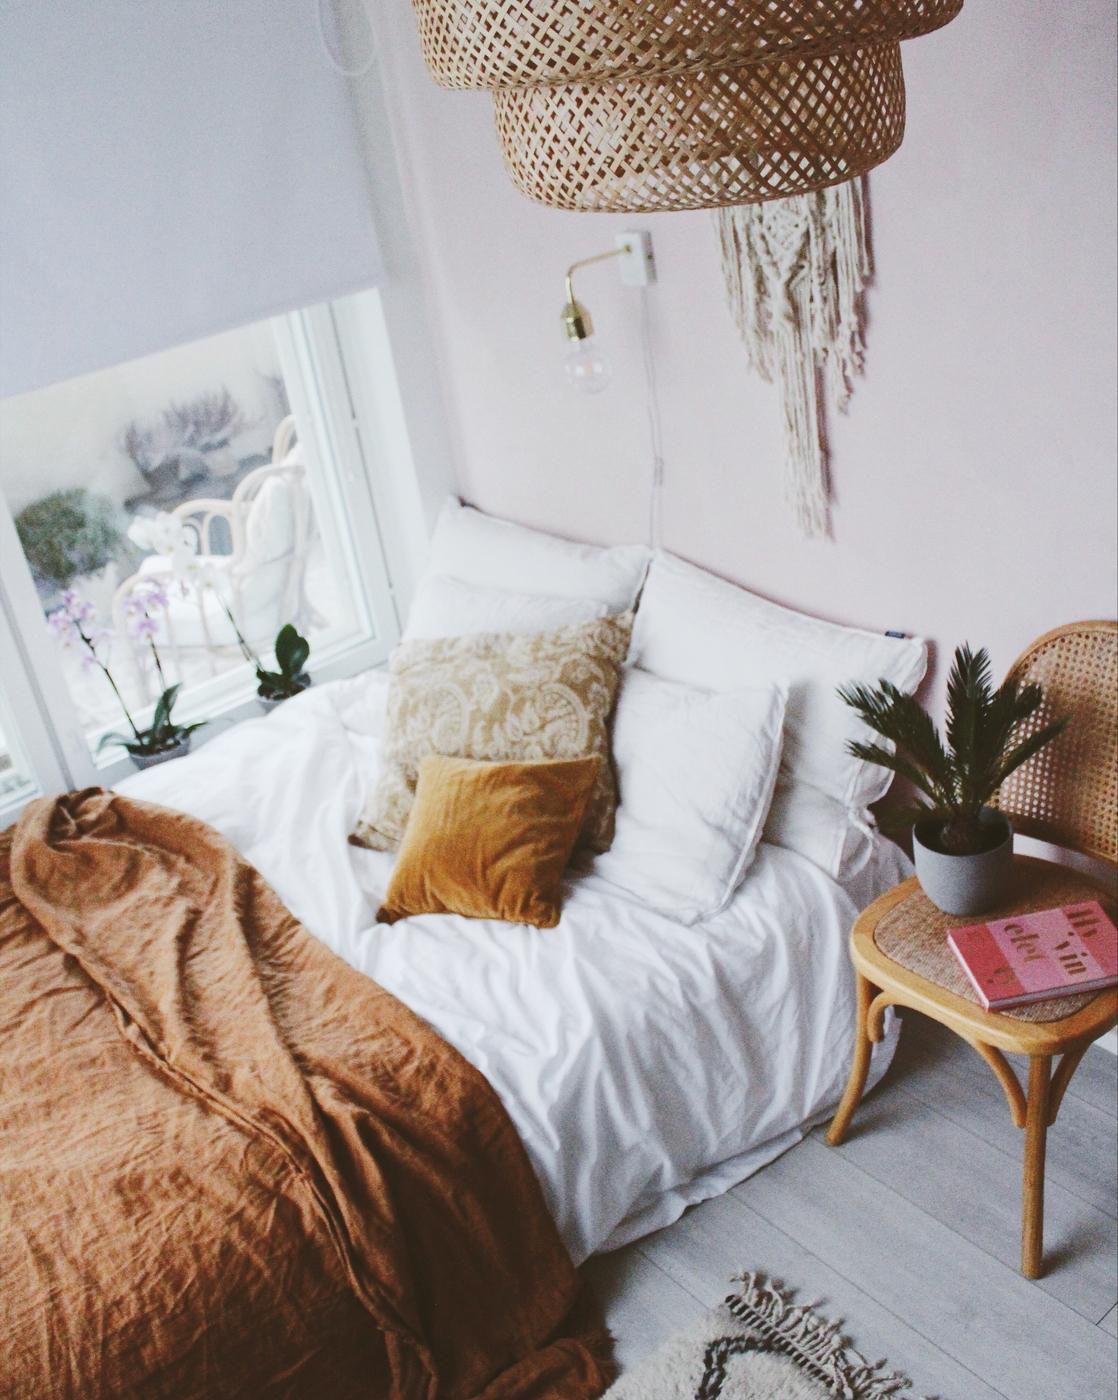 Makuuhuoneen kulmakivet ja vinkit hyviin uniin